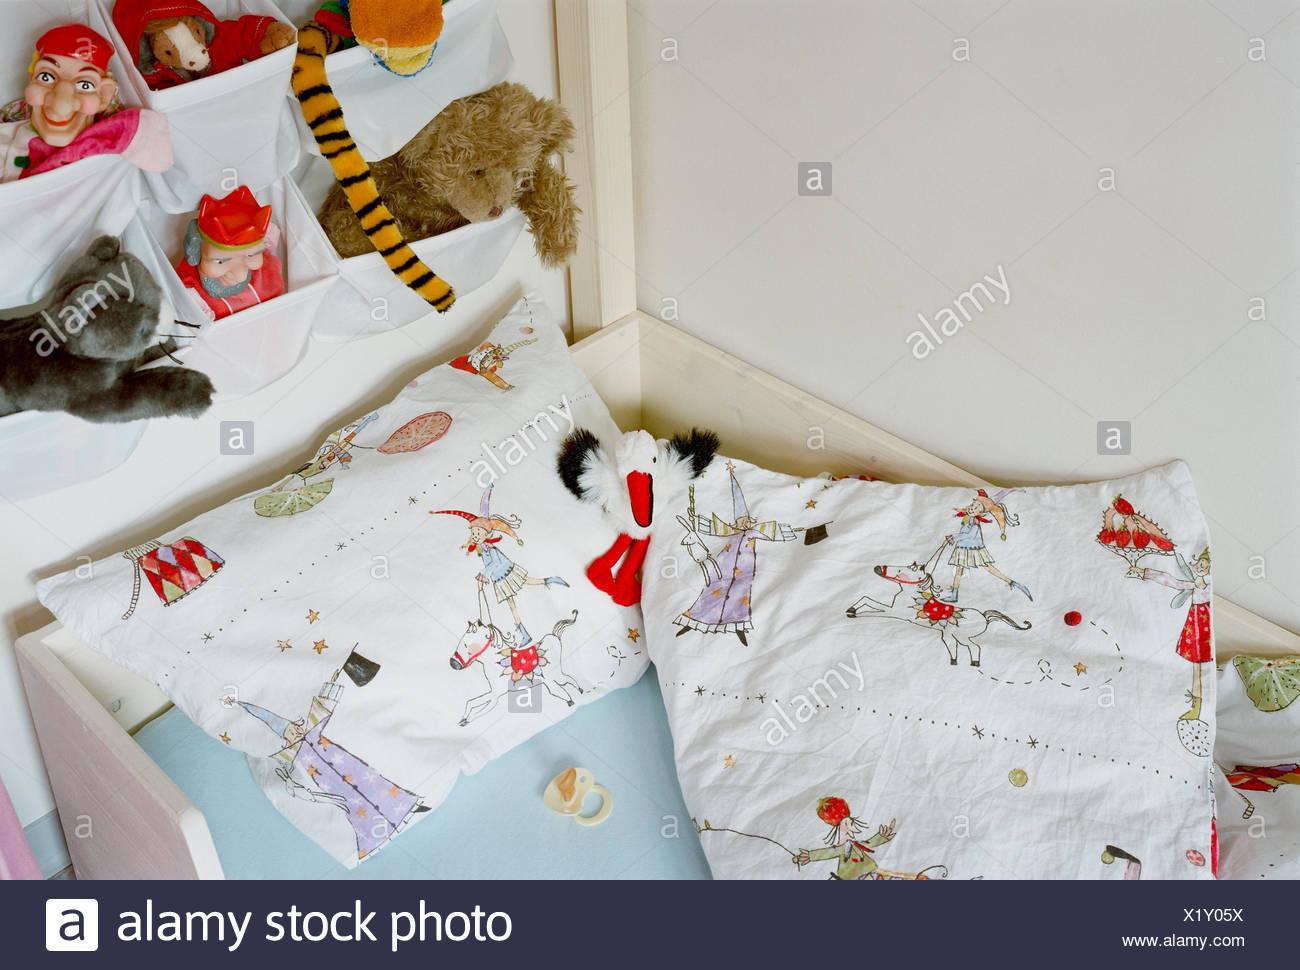 Kinderzimmer, Bett, Dummy, Wand, kleine hängende Eta, weiche Tiere ...